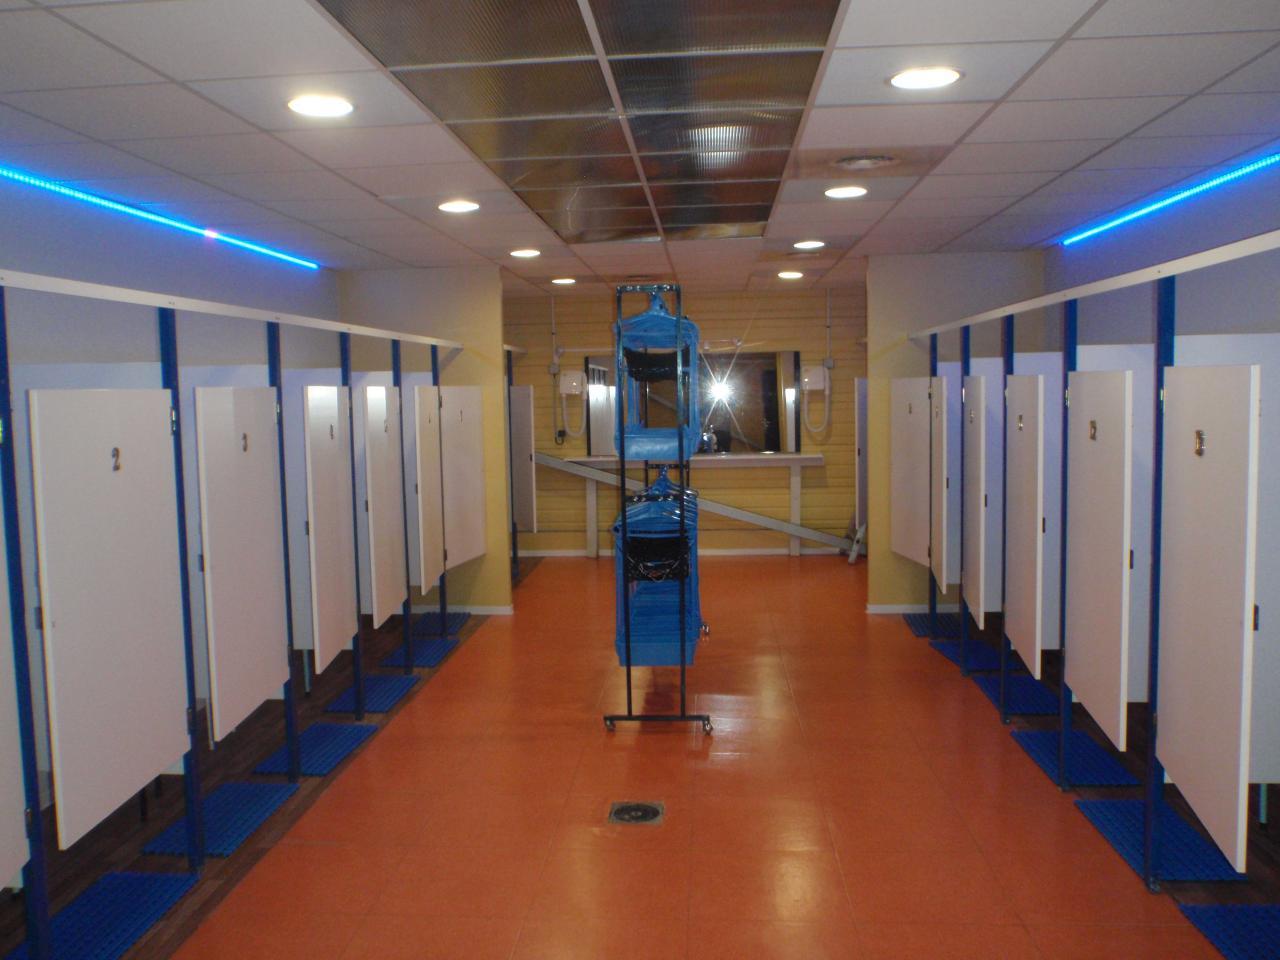 Porte vestiaire piscine maison design for Vestiaires piscine